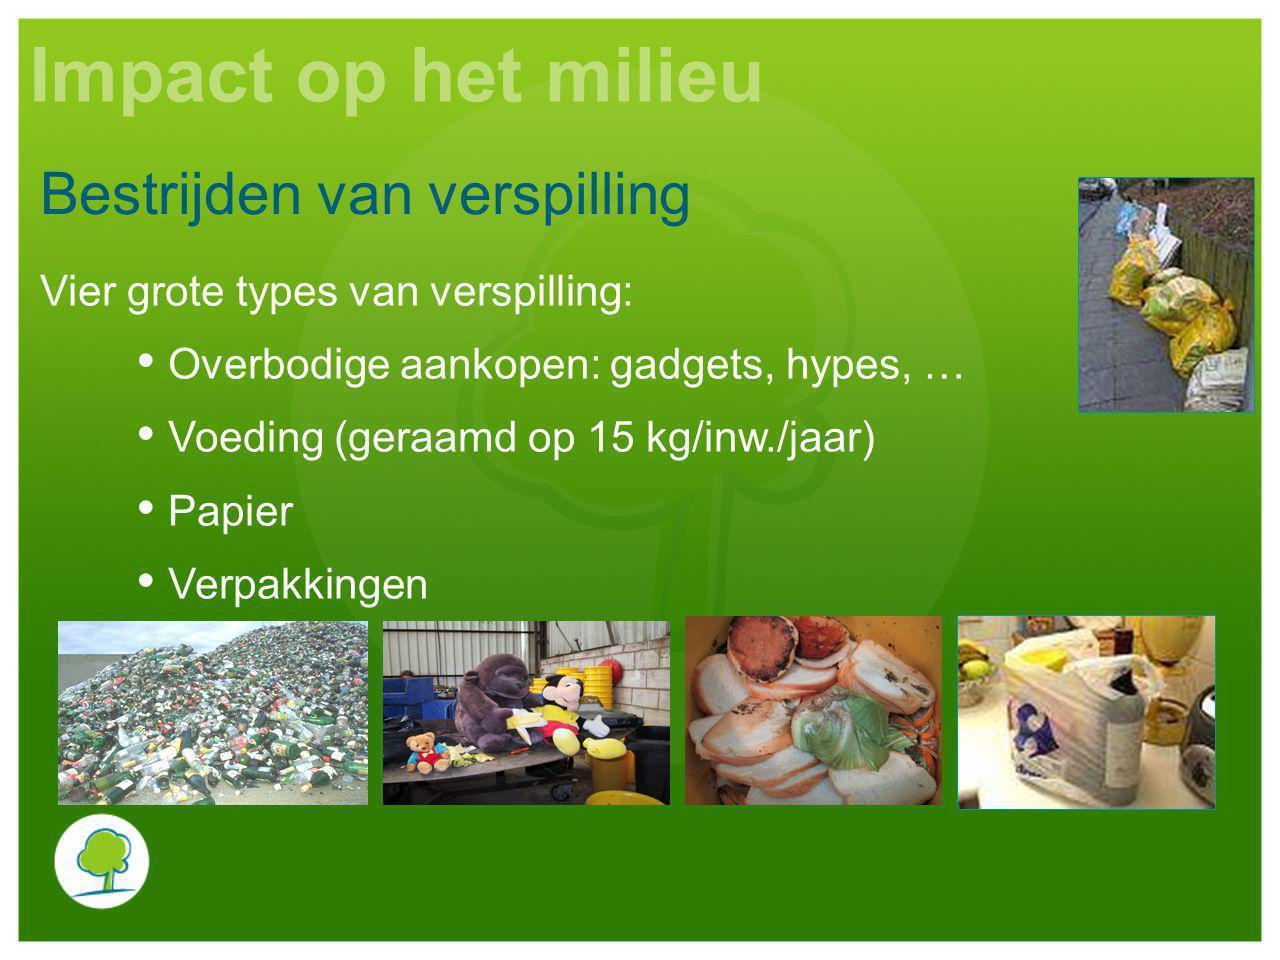 Vier grote types van verspilling: Overbodige aankopen: gadgets, hypes, … Voeding (geraamd op 15 kg/inw./jaar) Papier Verpakkingen Bestrijden van verspilling Impact op het milieu